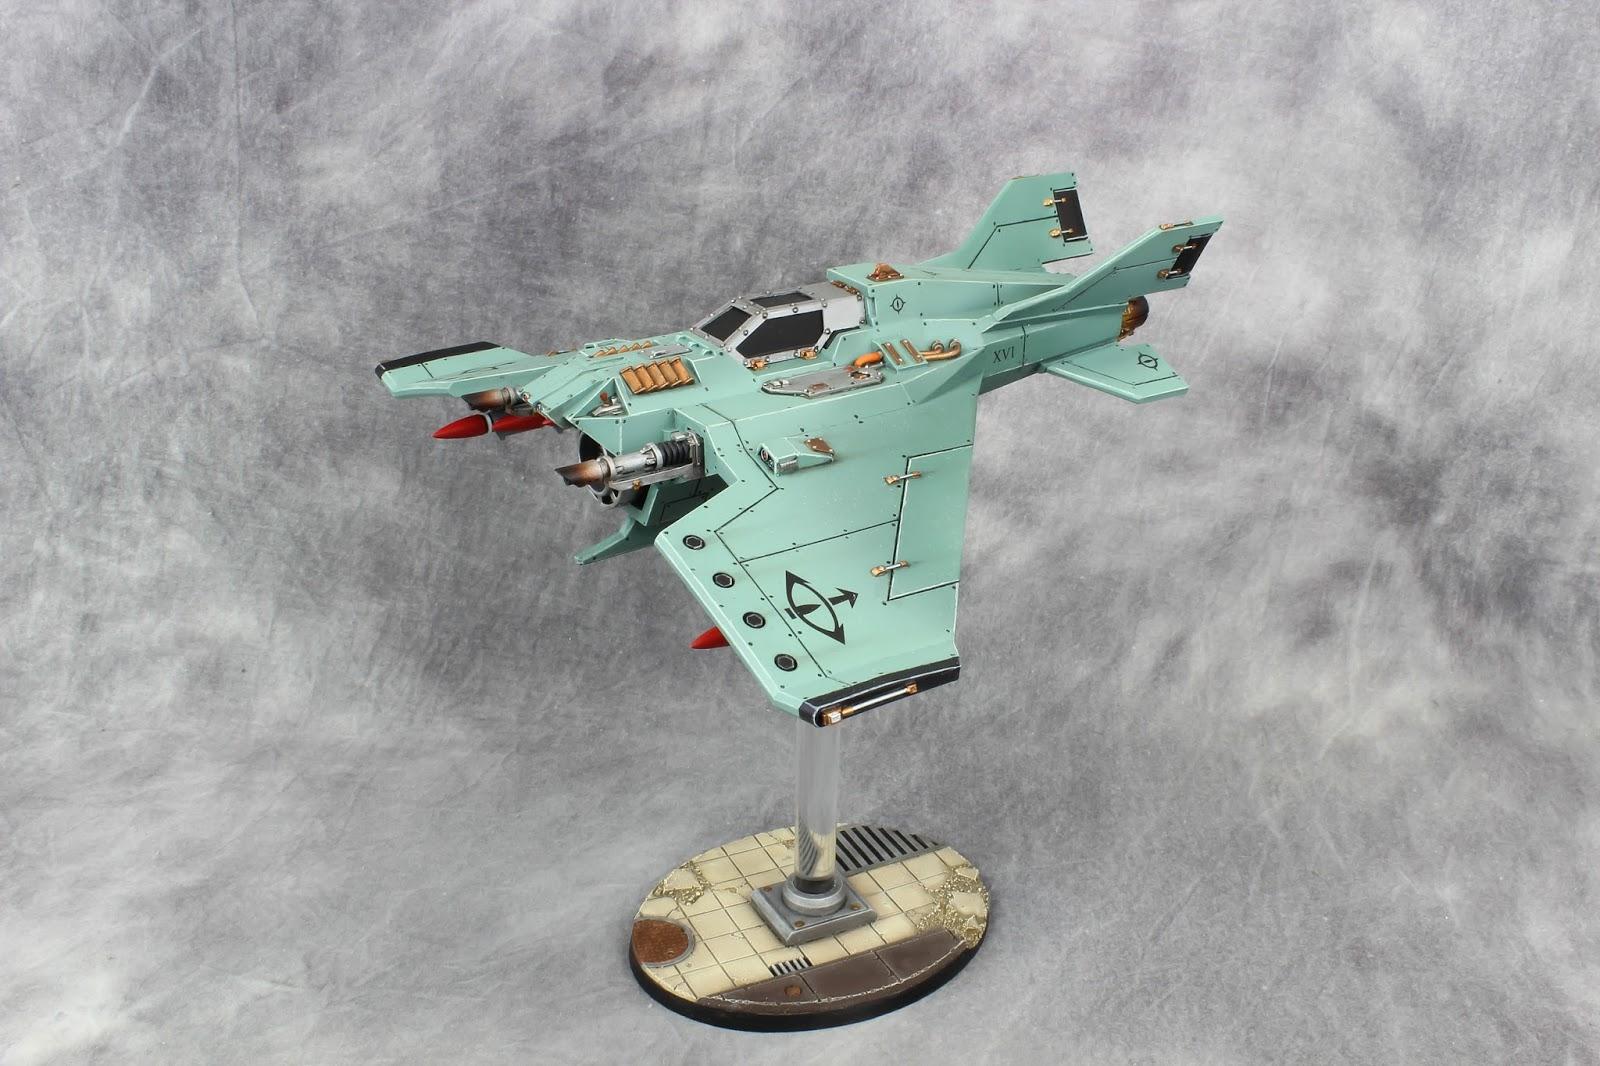 Celsork Corner: Lightning Strike Fighter for my Sons of